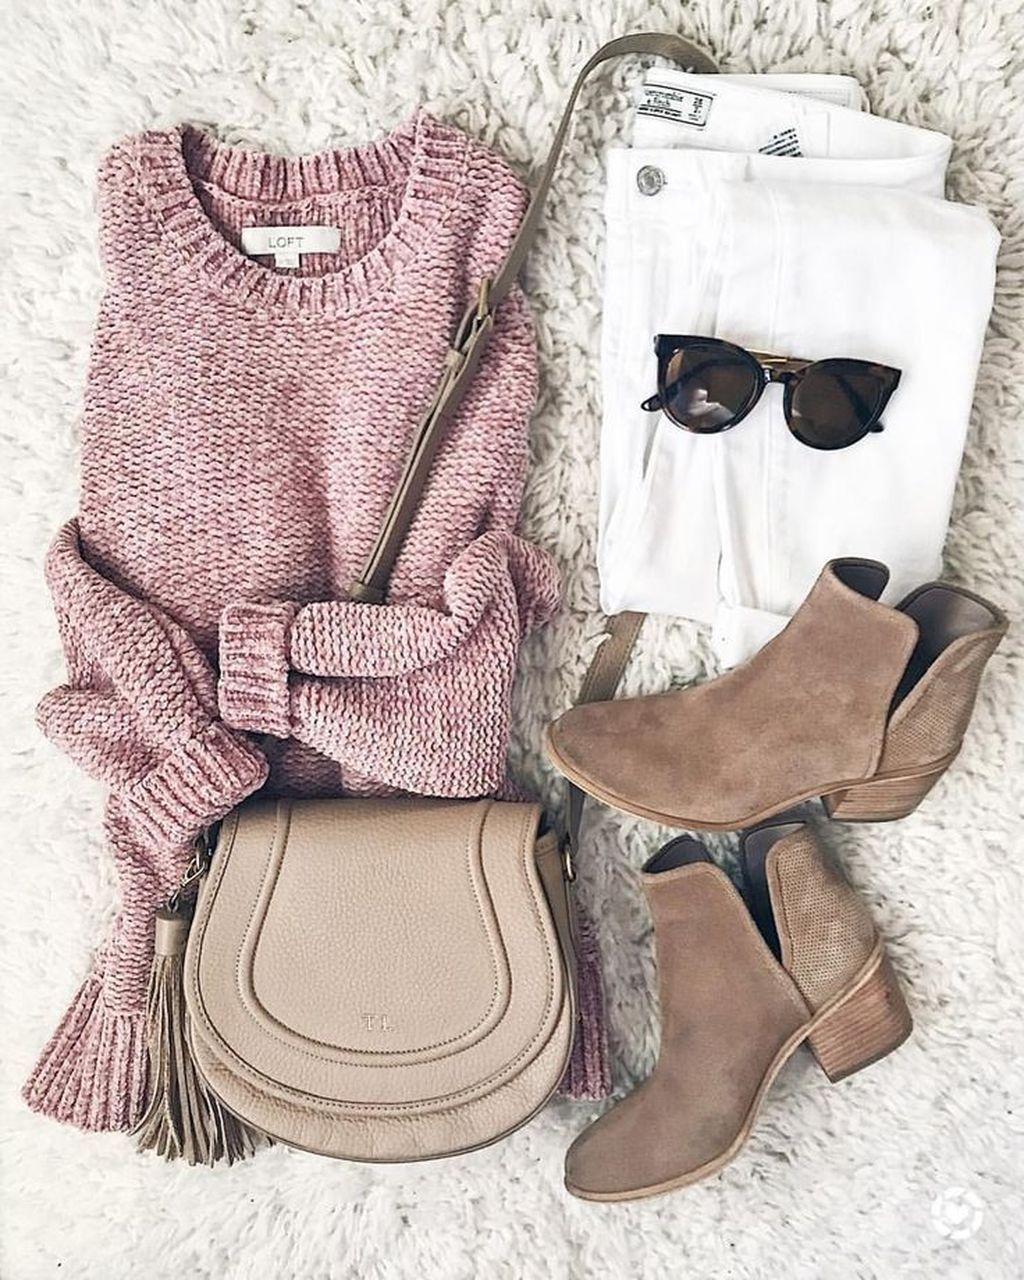 40 stilvolle Winteroutfits Ideen, die Sie ausprobieren sollten   – Dress & Outfits